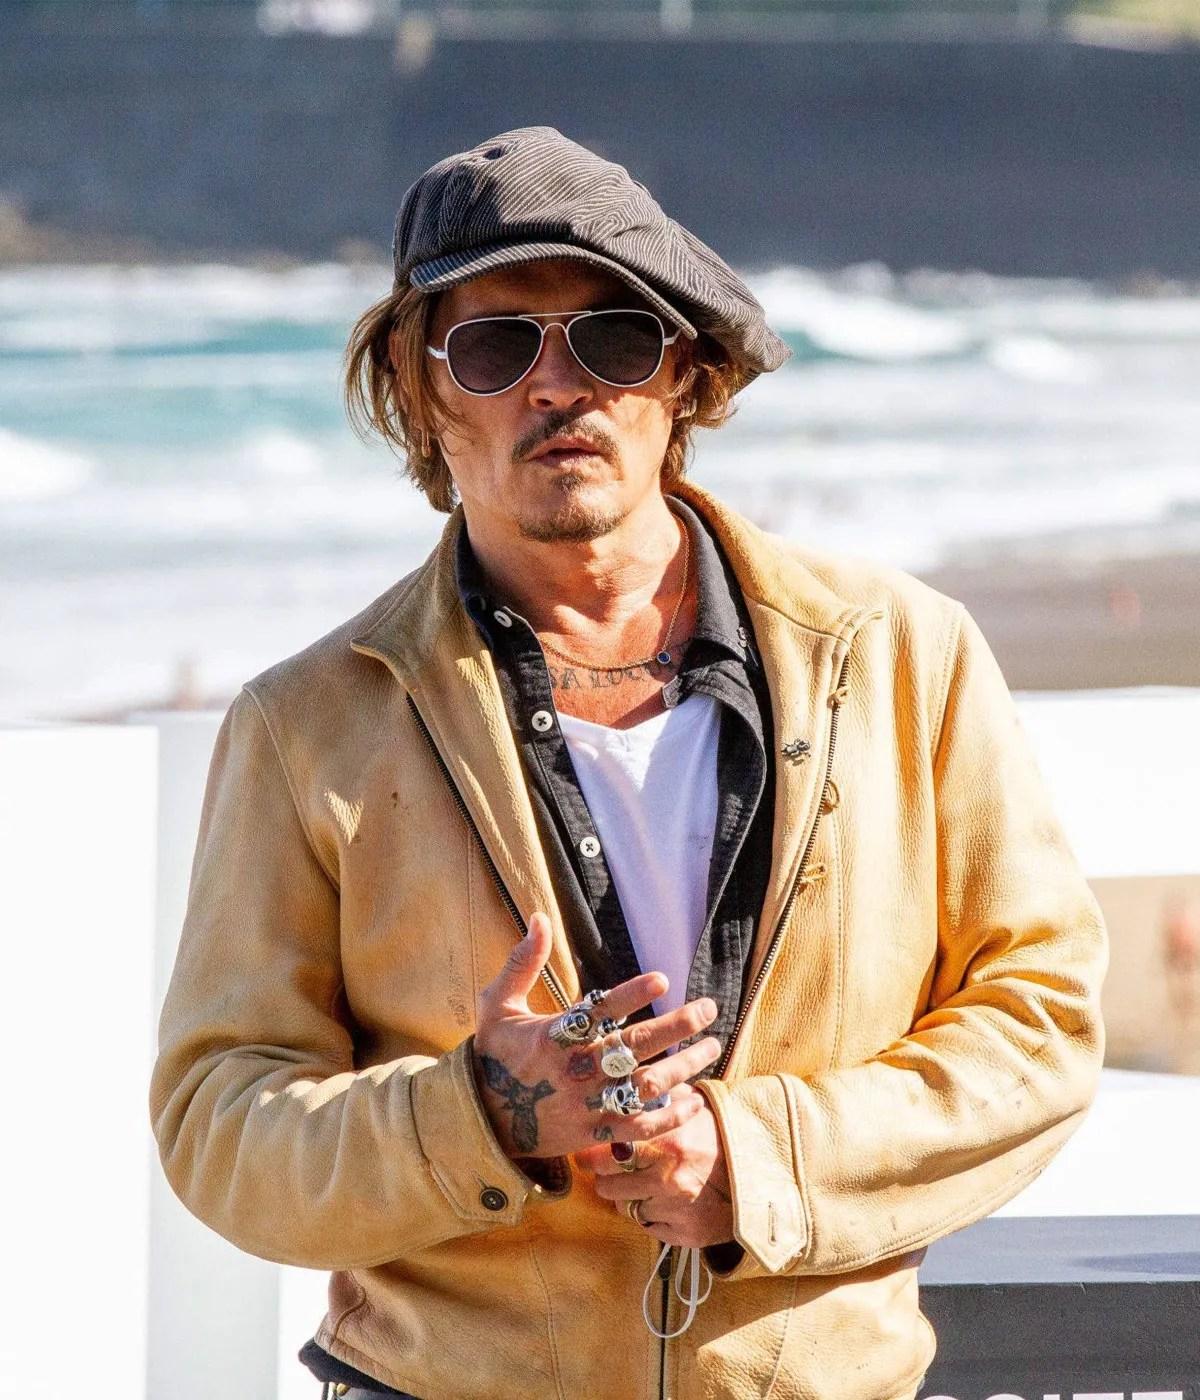 johnny-depp-crock-of-gold-brown-leather-jacket